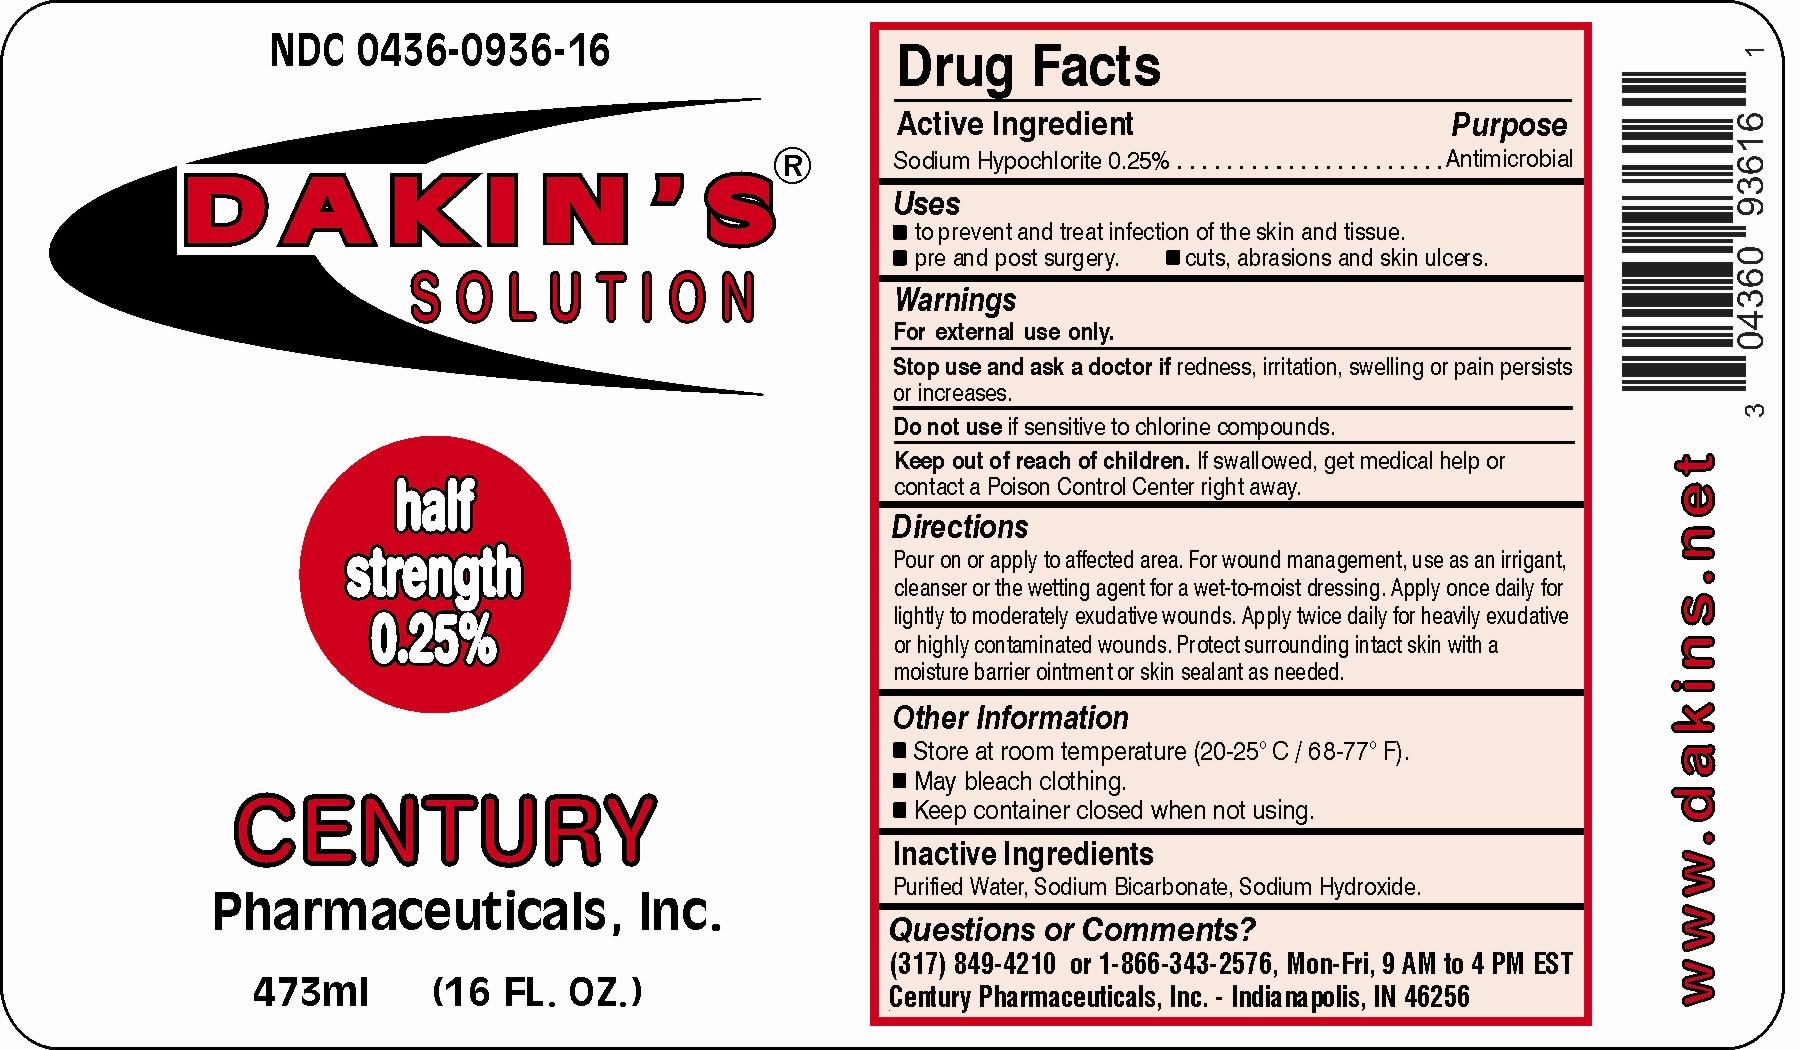 Dakins Half (Sodium Hypochlorite) Solution [Century Pharmaceuticals, Inc.]